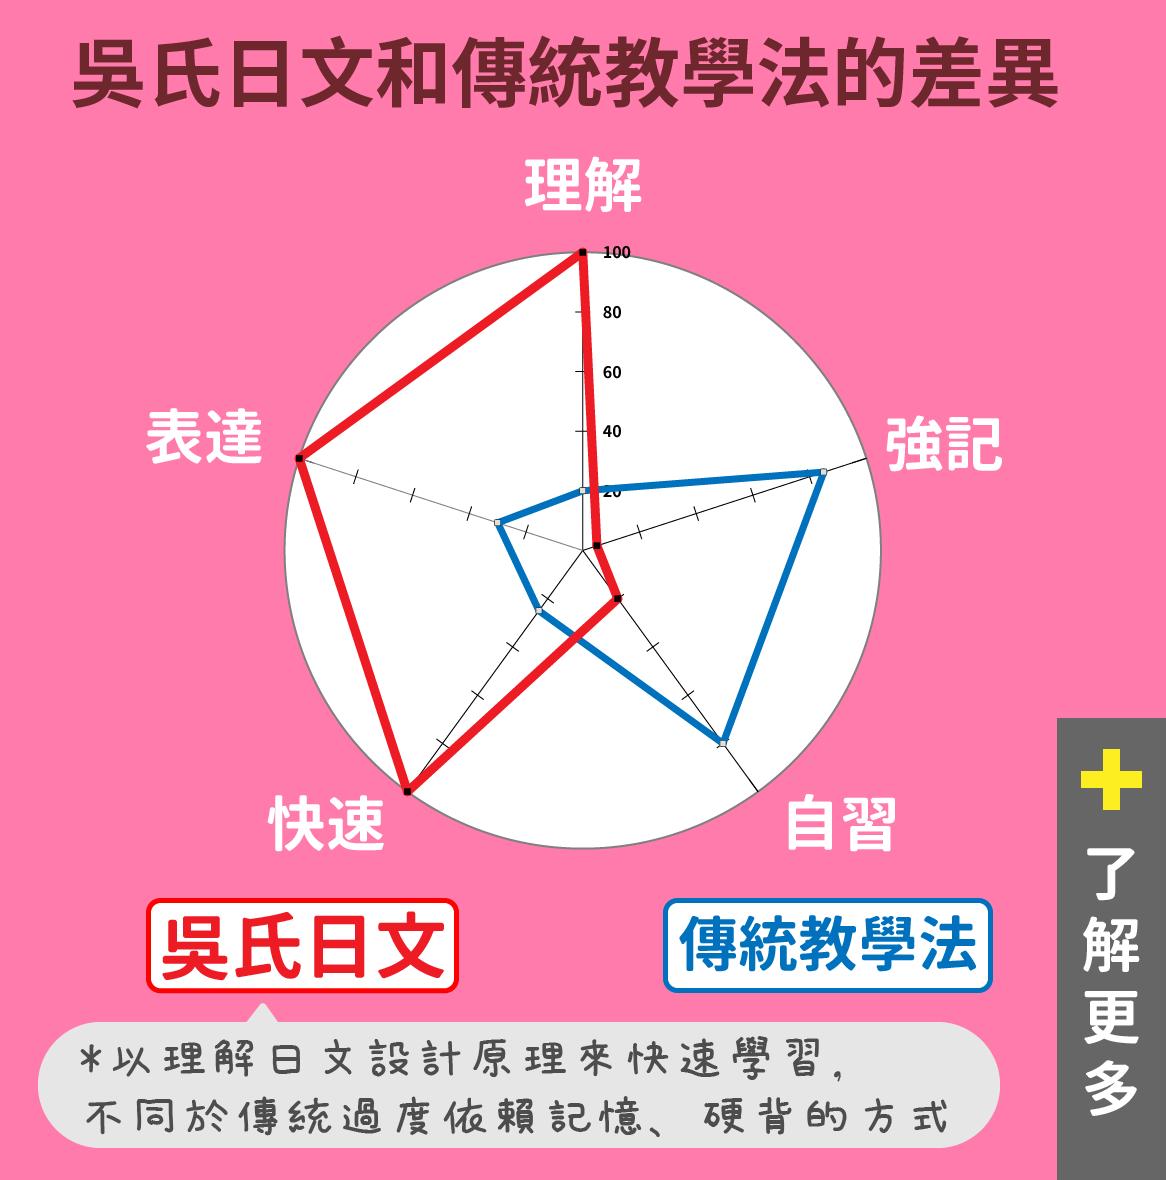 吳氏日文教學方式